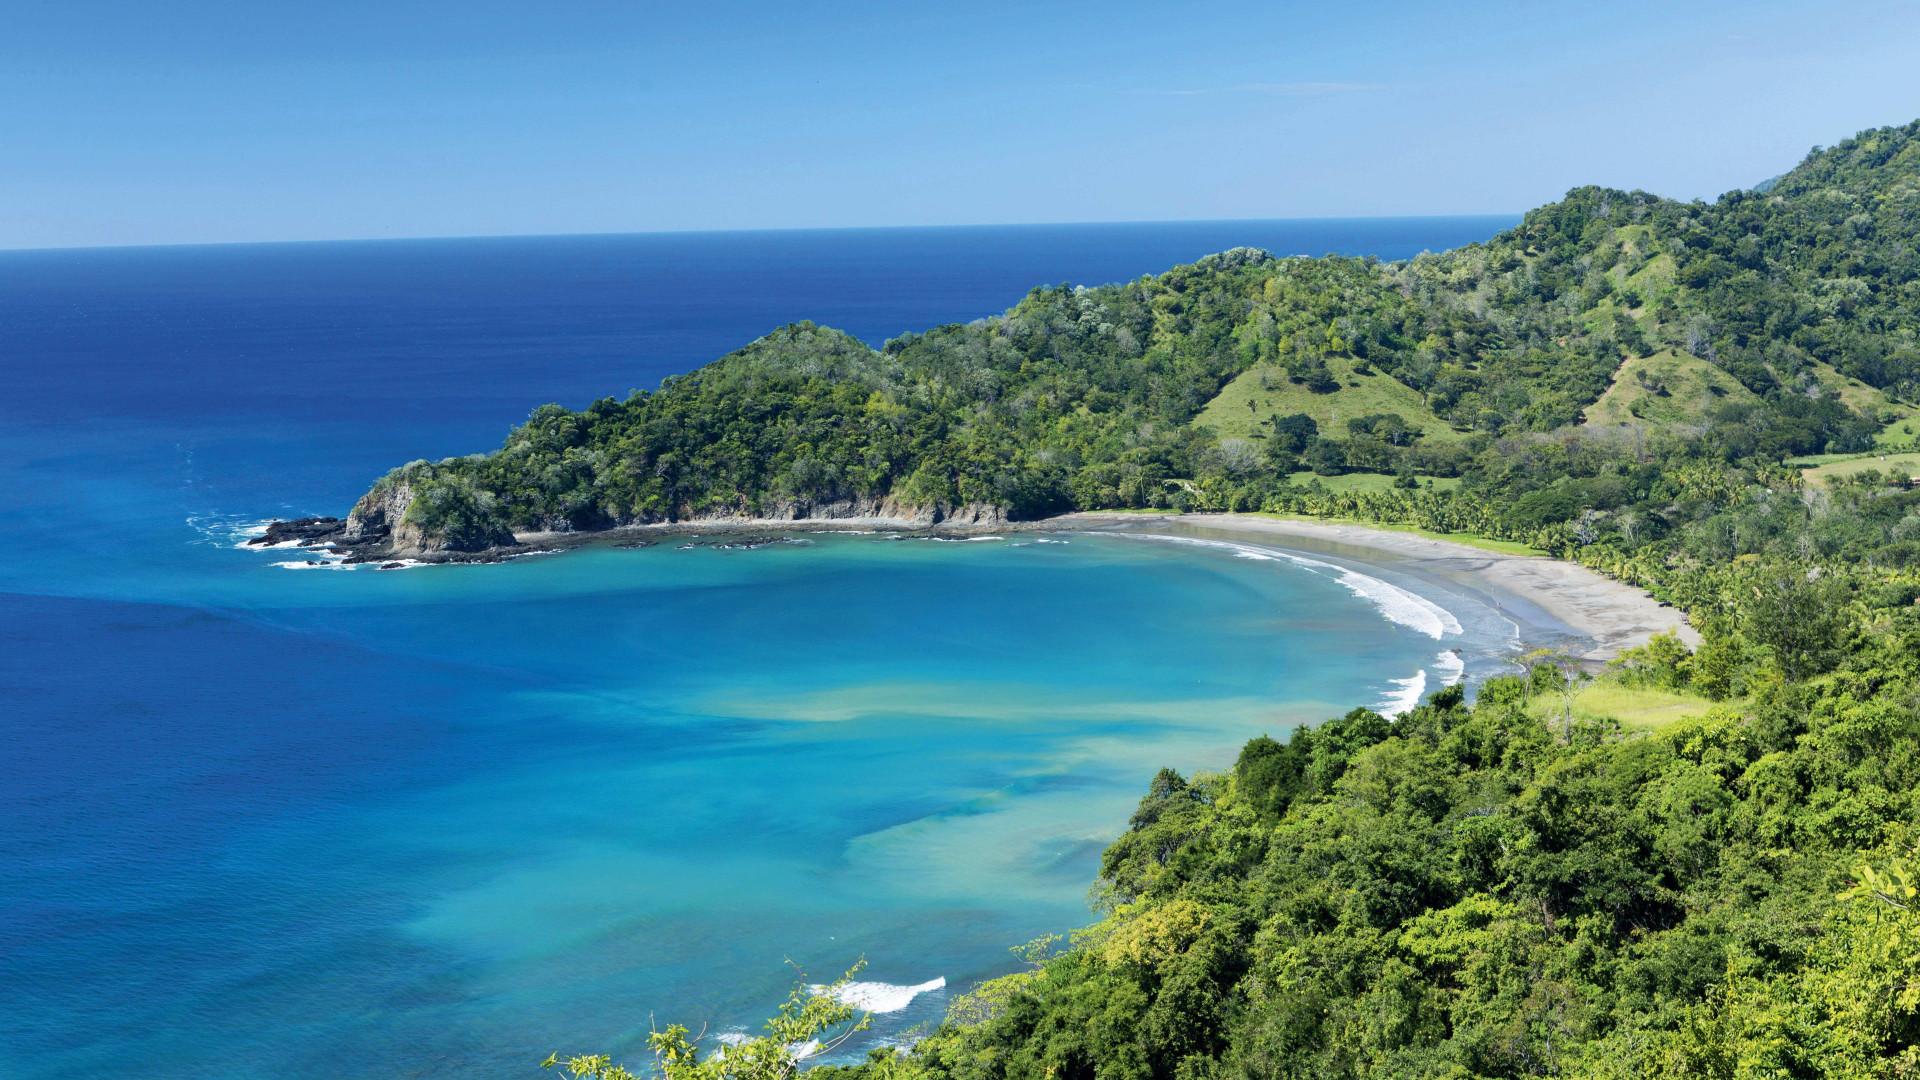 Punta Islita beach, Costa Rica